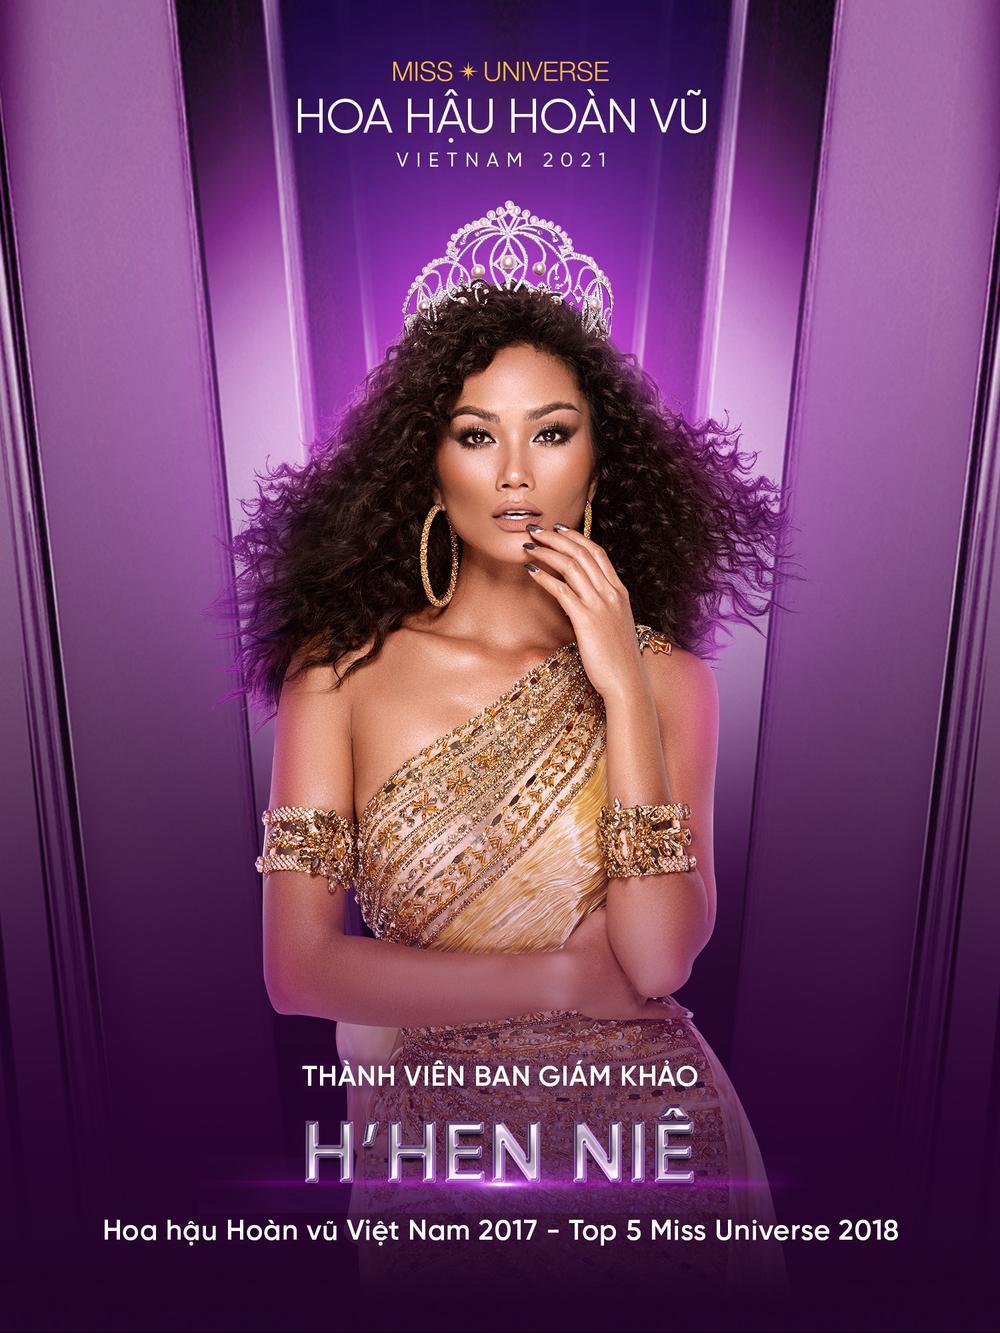 Miss Universe Vietnam 2021 khởi động, H'Hen Niê trở thành giám khảo tìm kiếm nhan sắc kế nhiệm Khánh Vân Ảnh 2